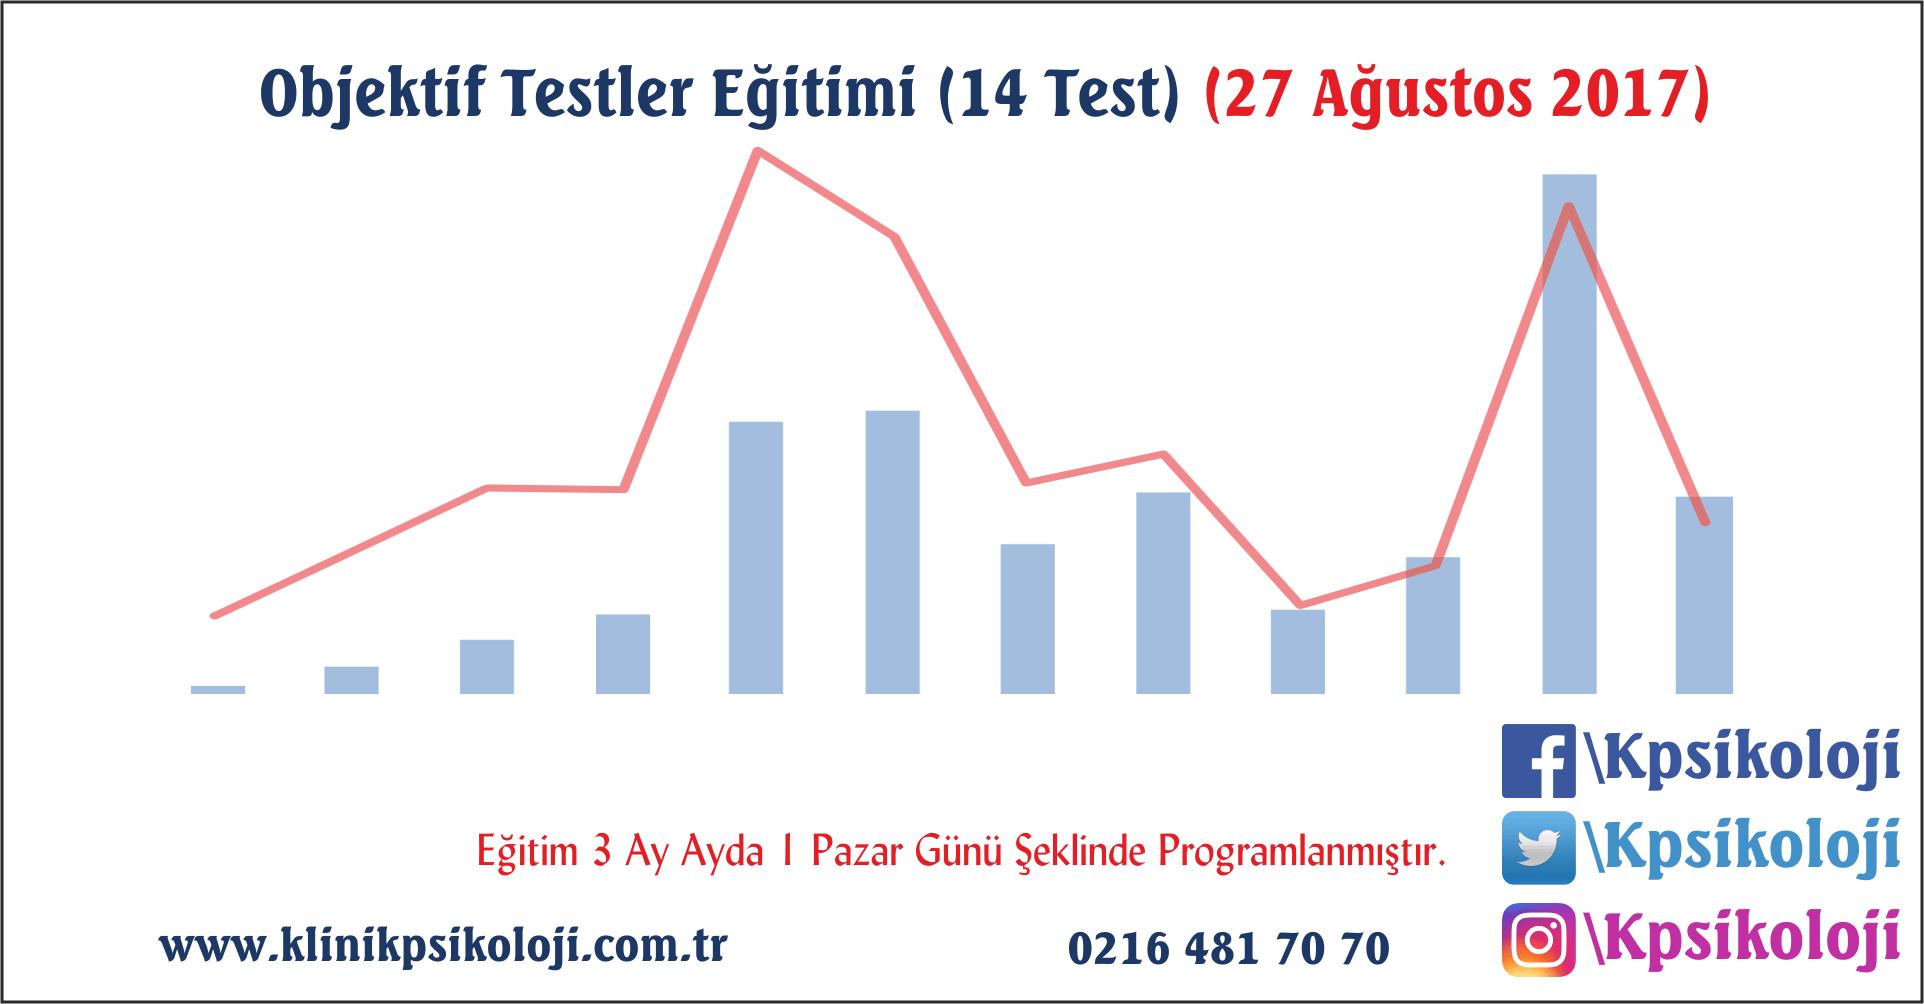 Objektif Testler Eğitimi (14 Test) (27 Ağustos 2017)